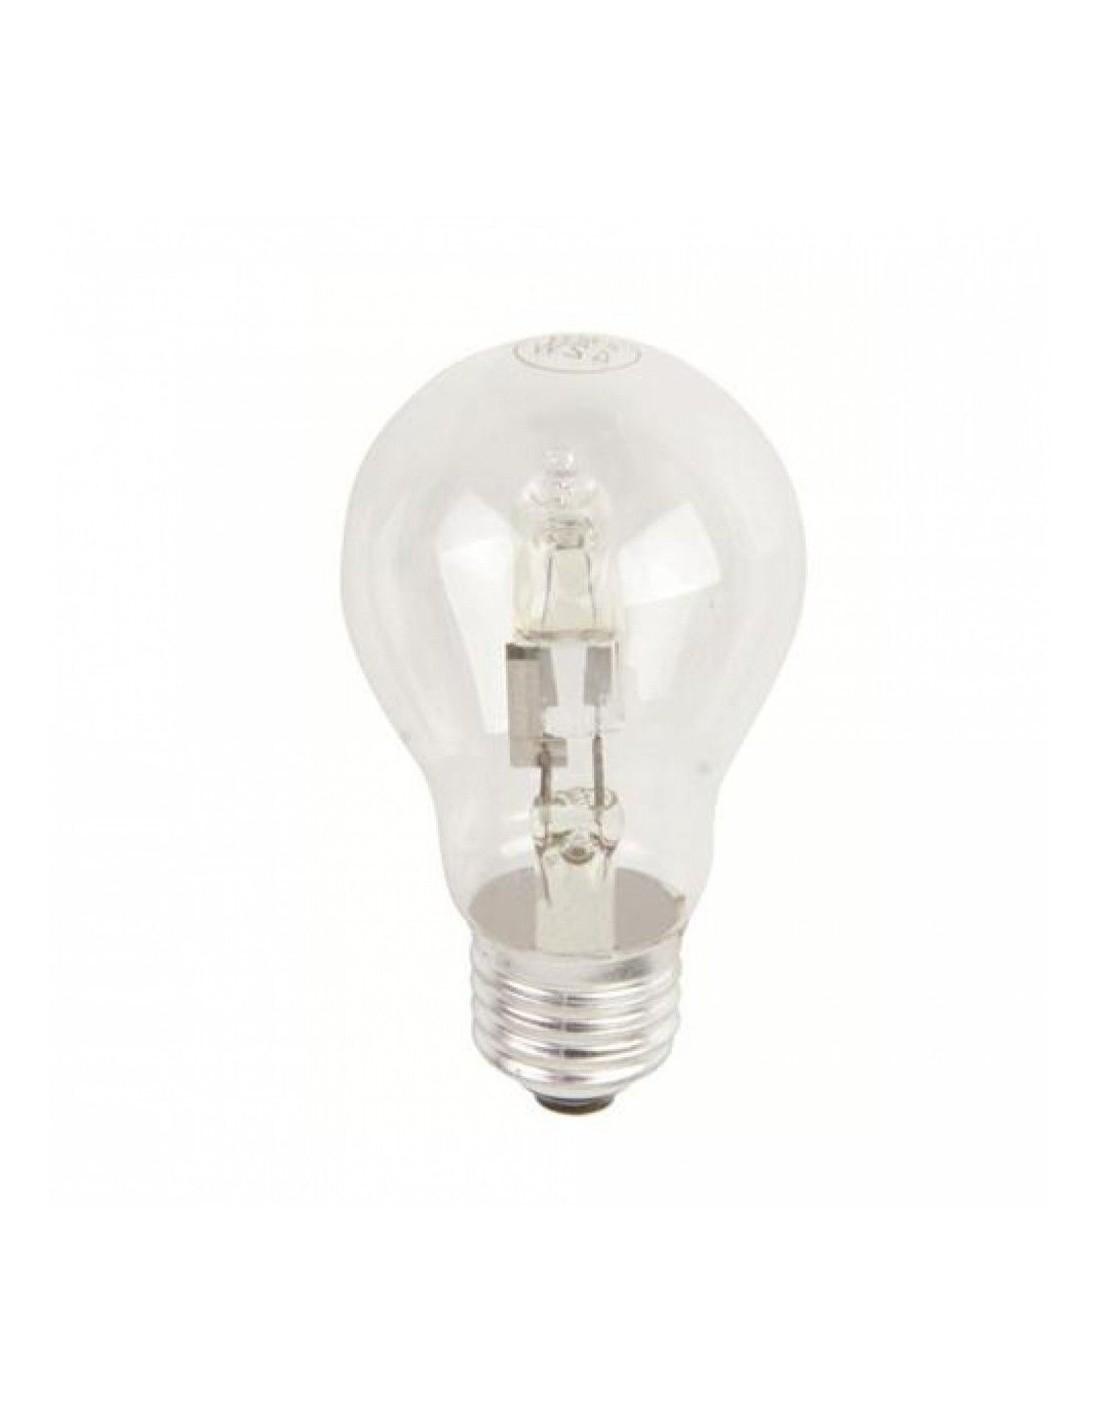 Ampoule E27 105/150W Eco Halogène Philips Valente Design